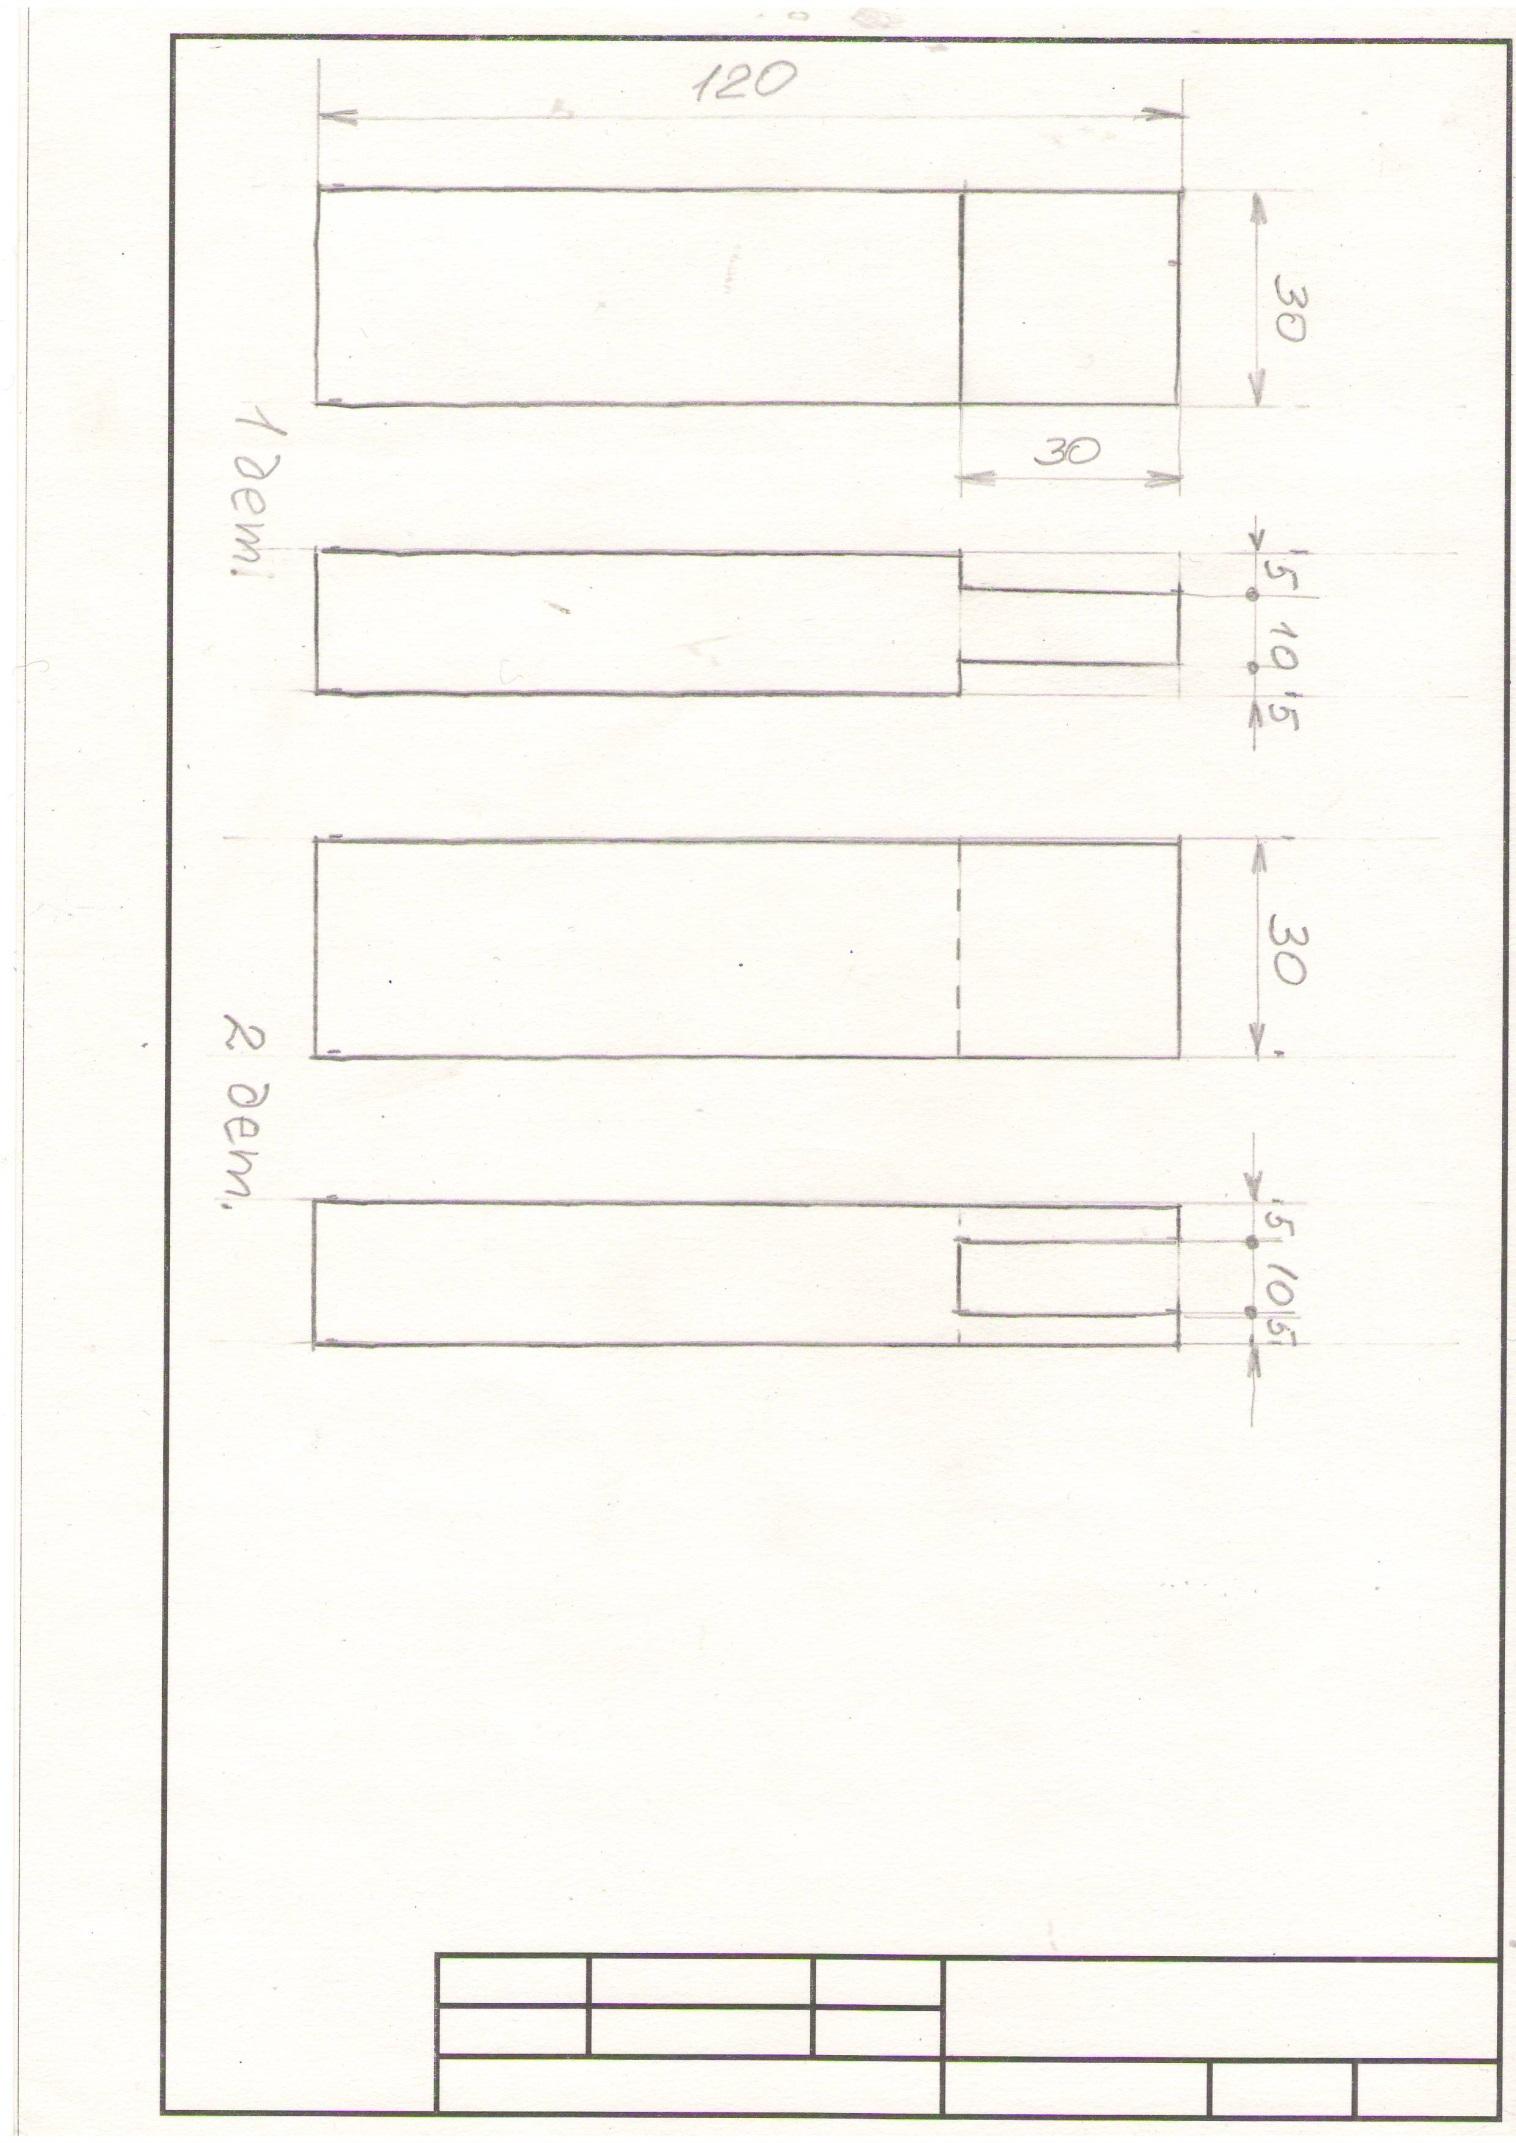 Технологическая карта выпиливания подковы из фанеры 4